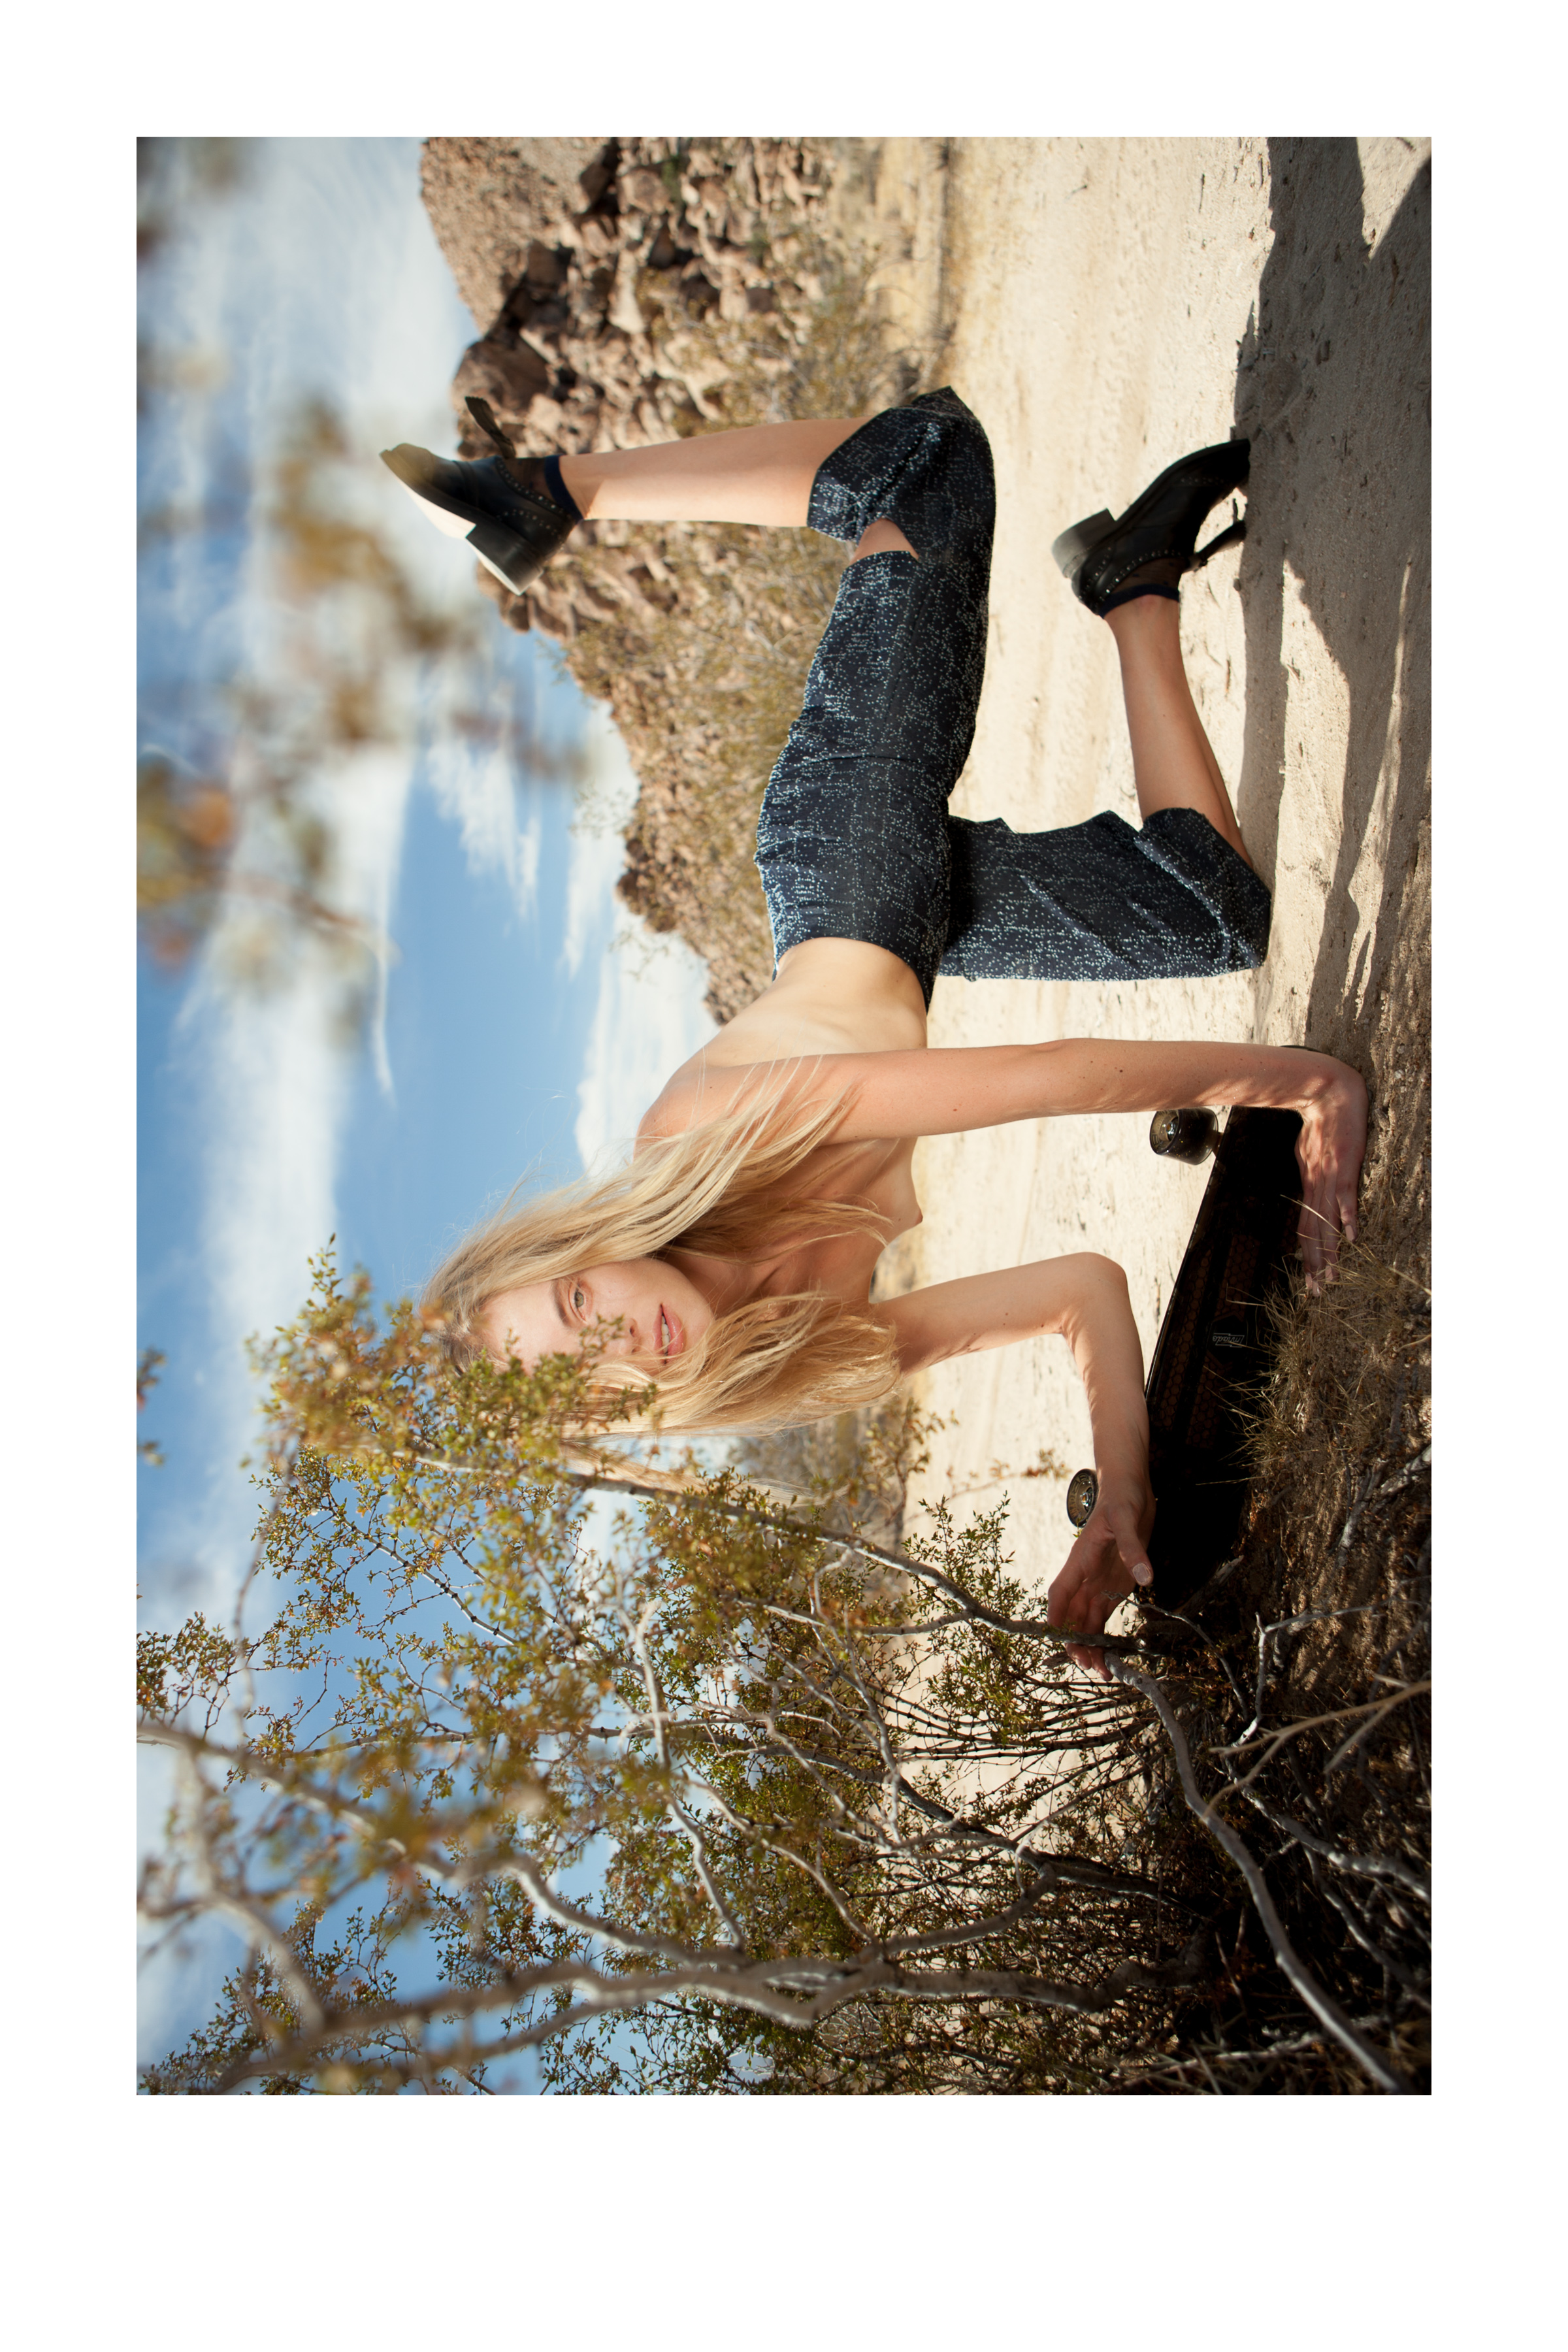 Ger-Ger-Emily-Deccarett-SS16-600dpi-010.jpg